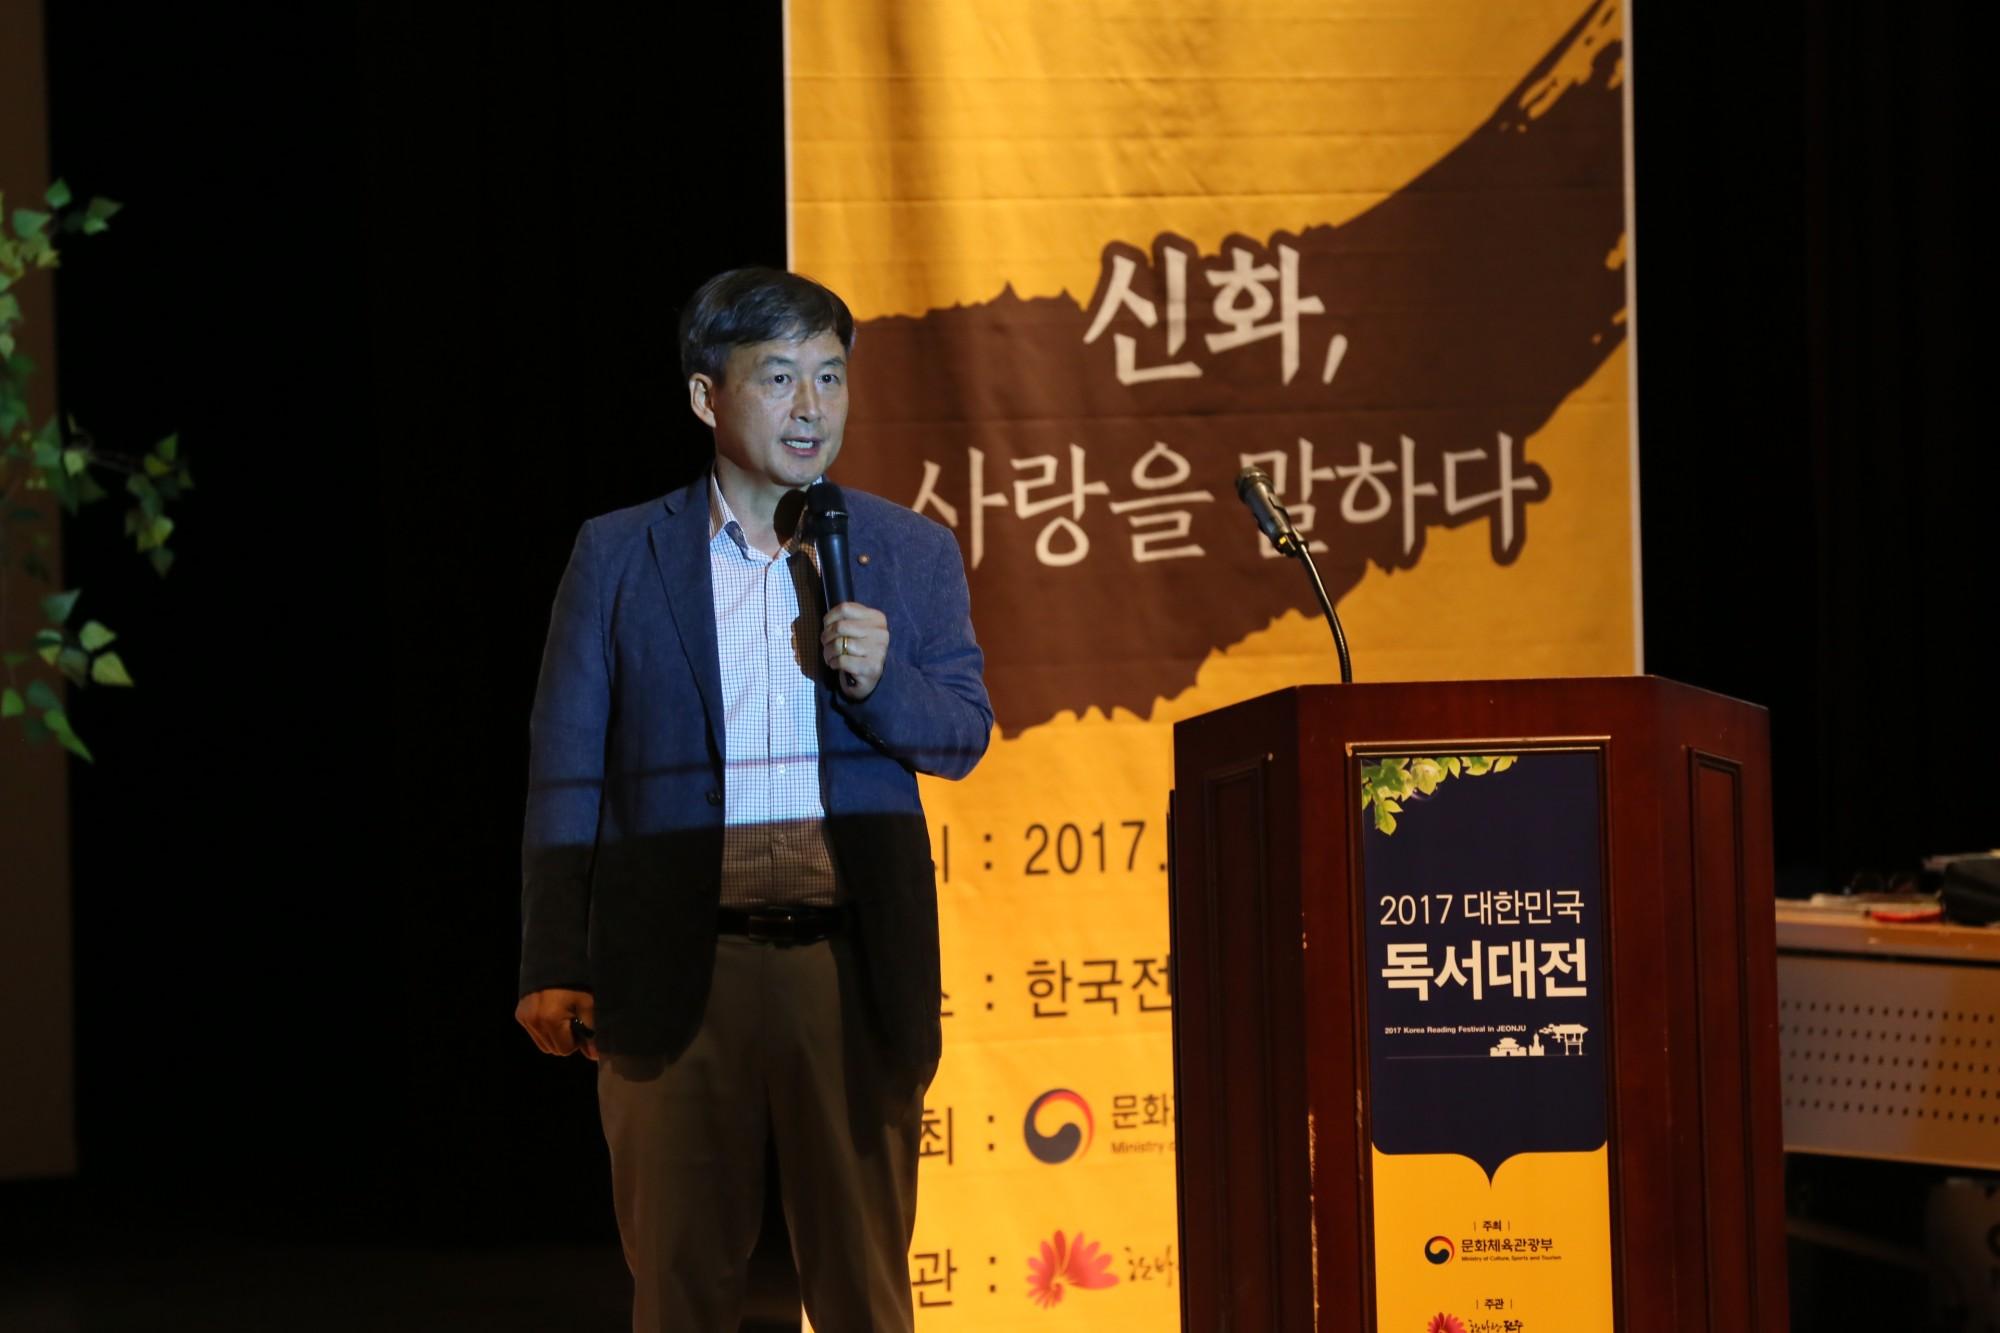 2017 대한민국 독서대전 - 인문학 강연